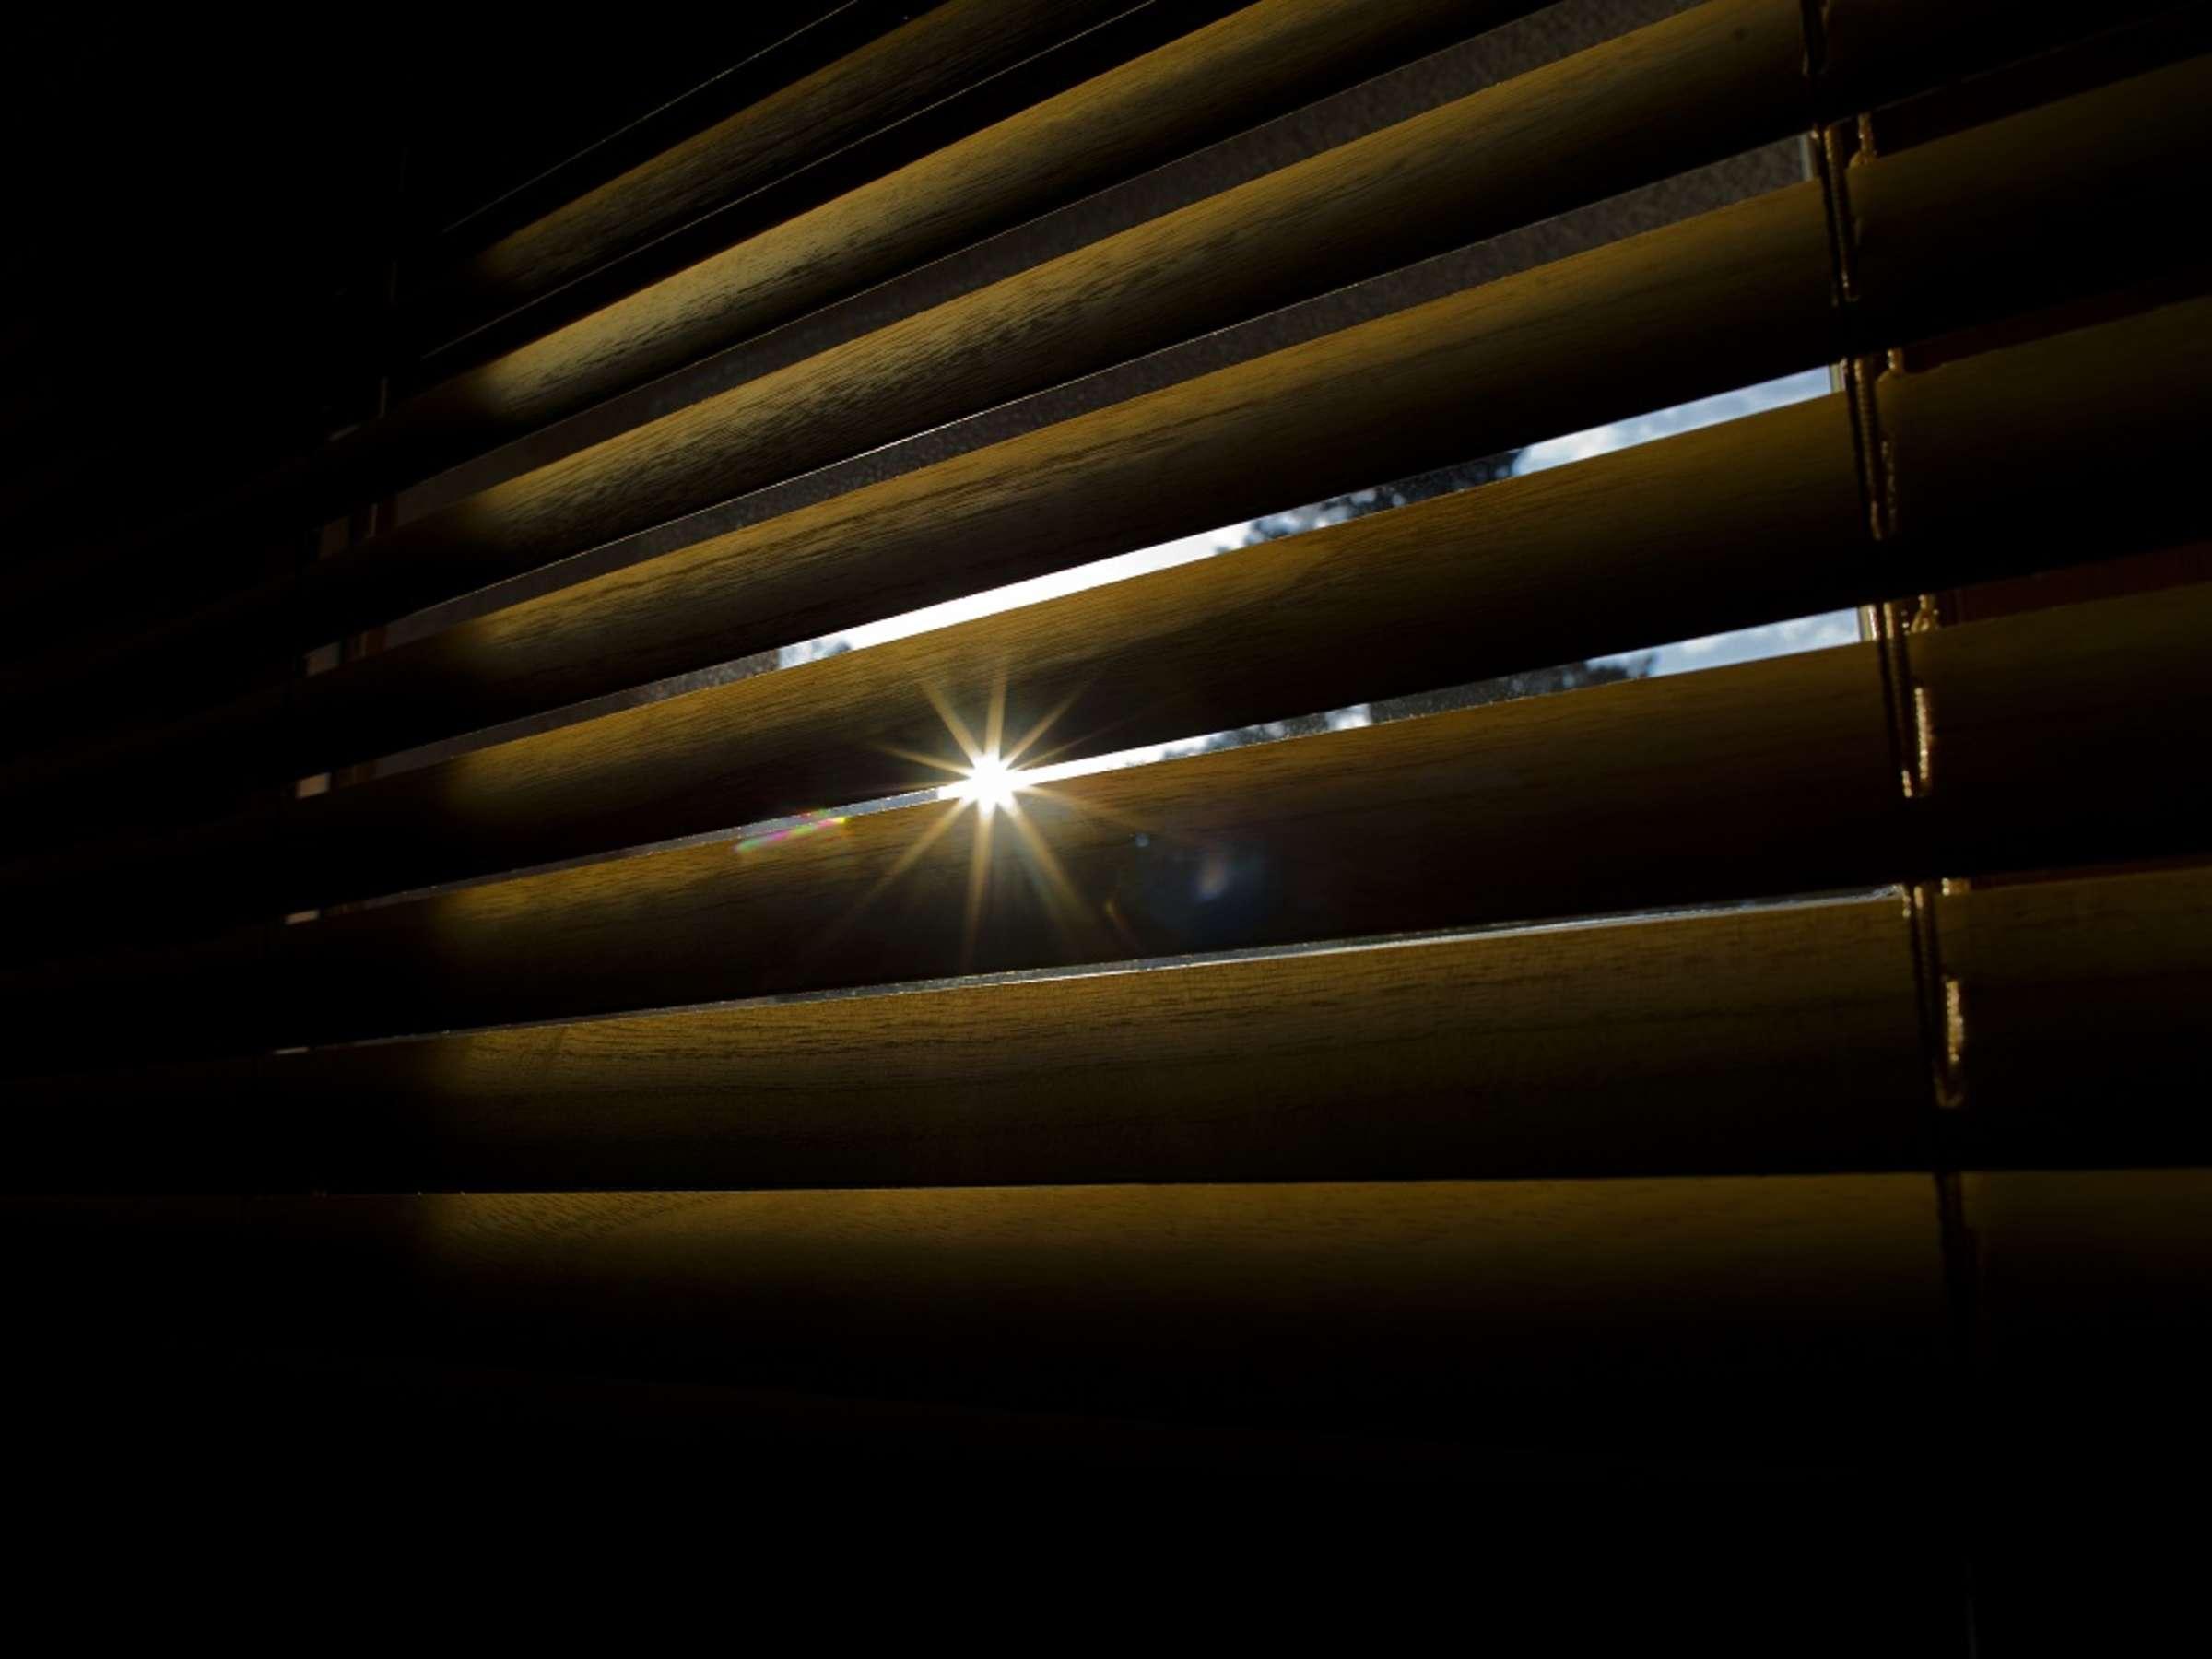 Fenster verdunkeln: So klappt es mit Rollo, Vorhang oder Folie